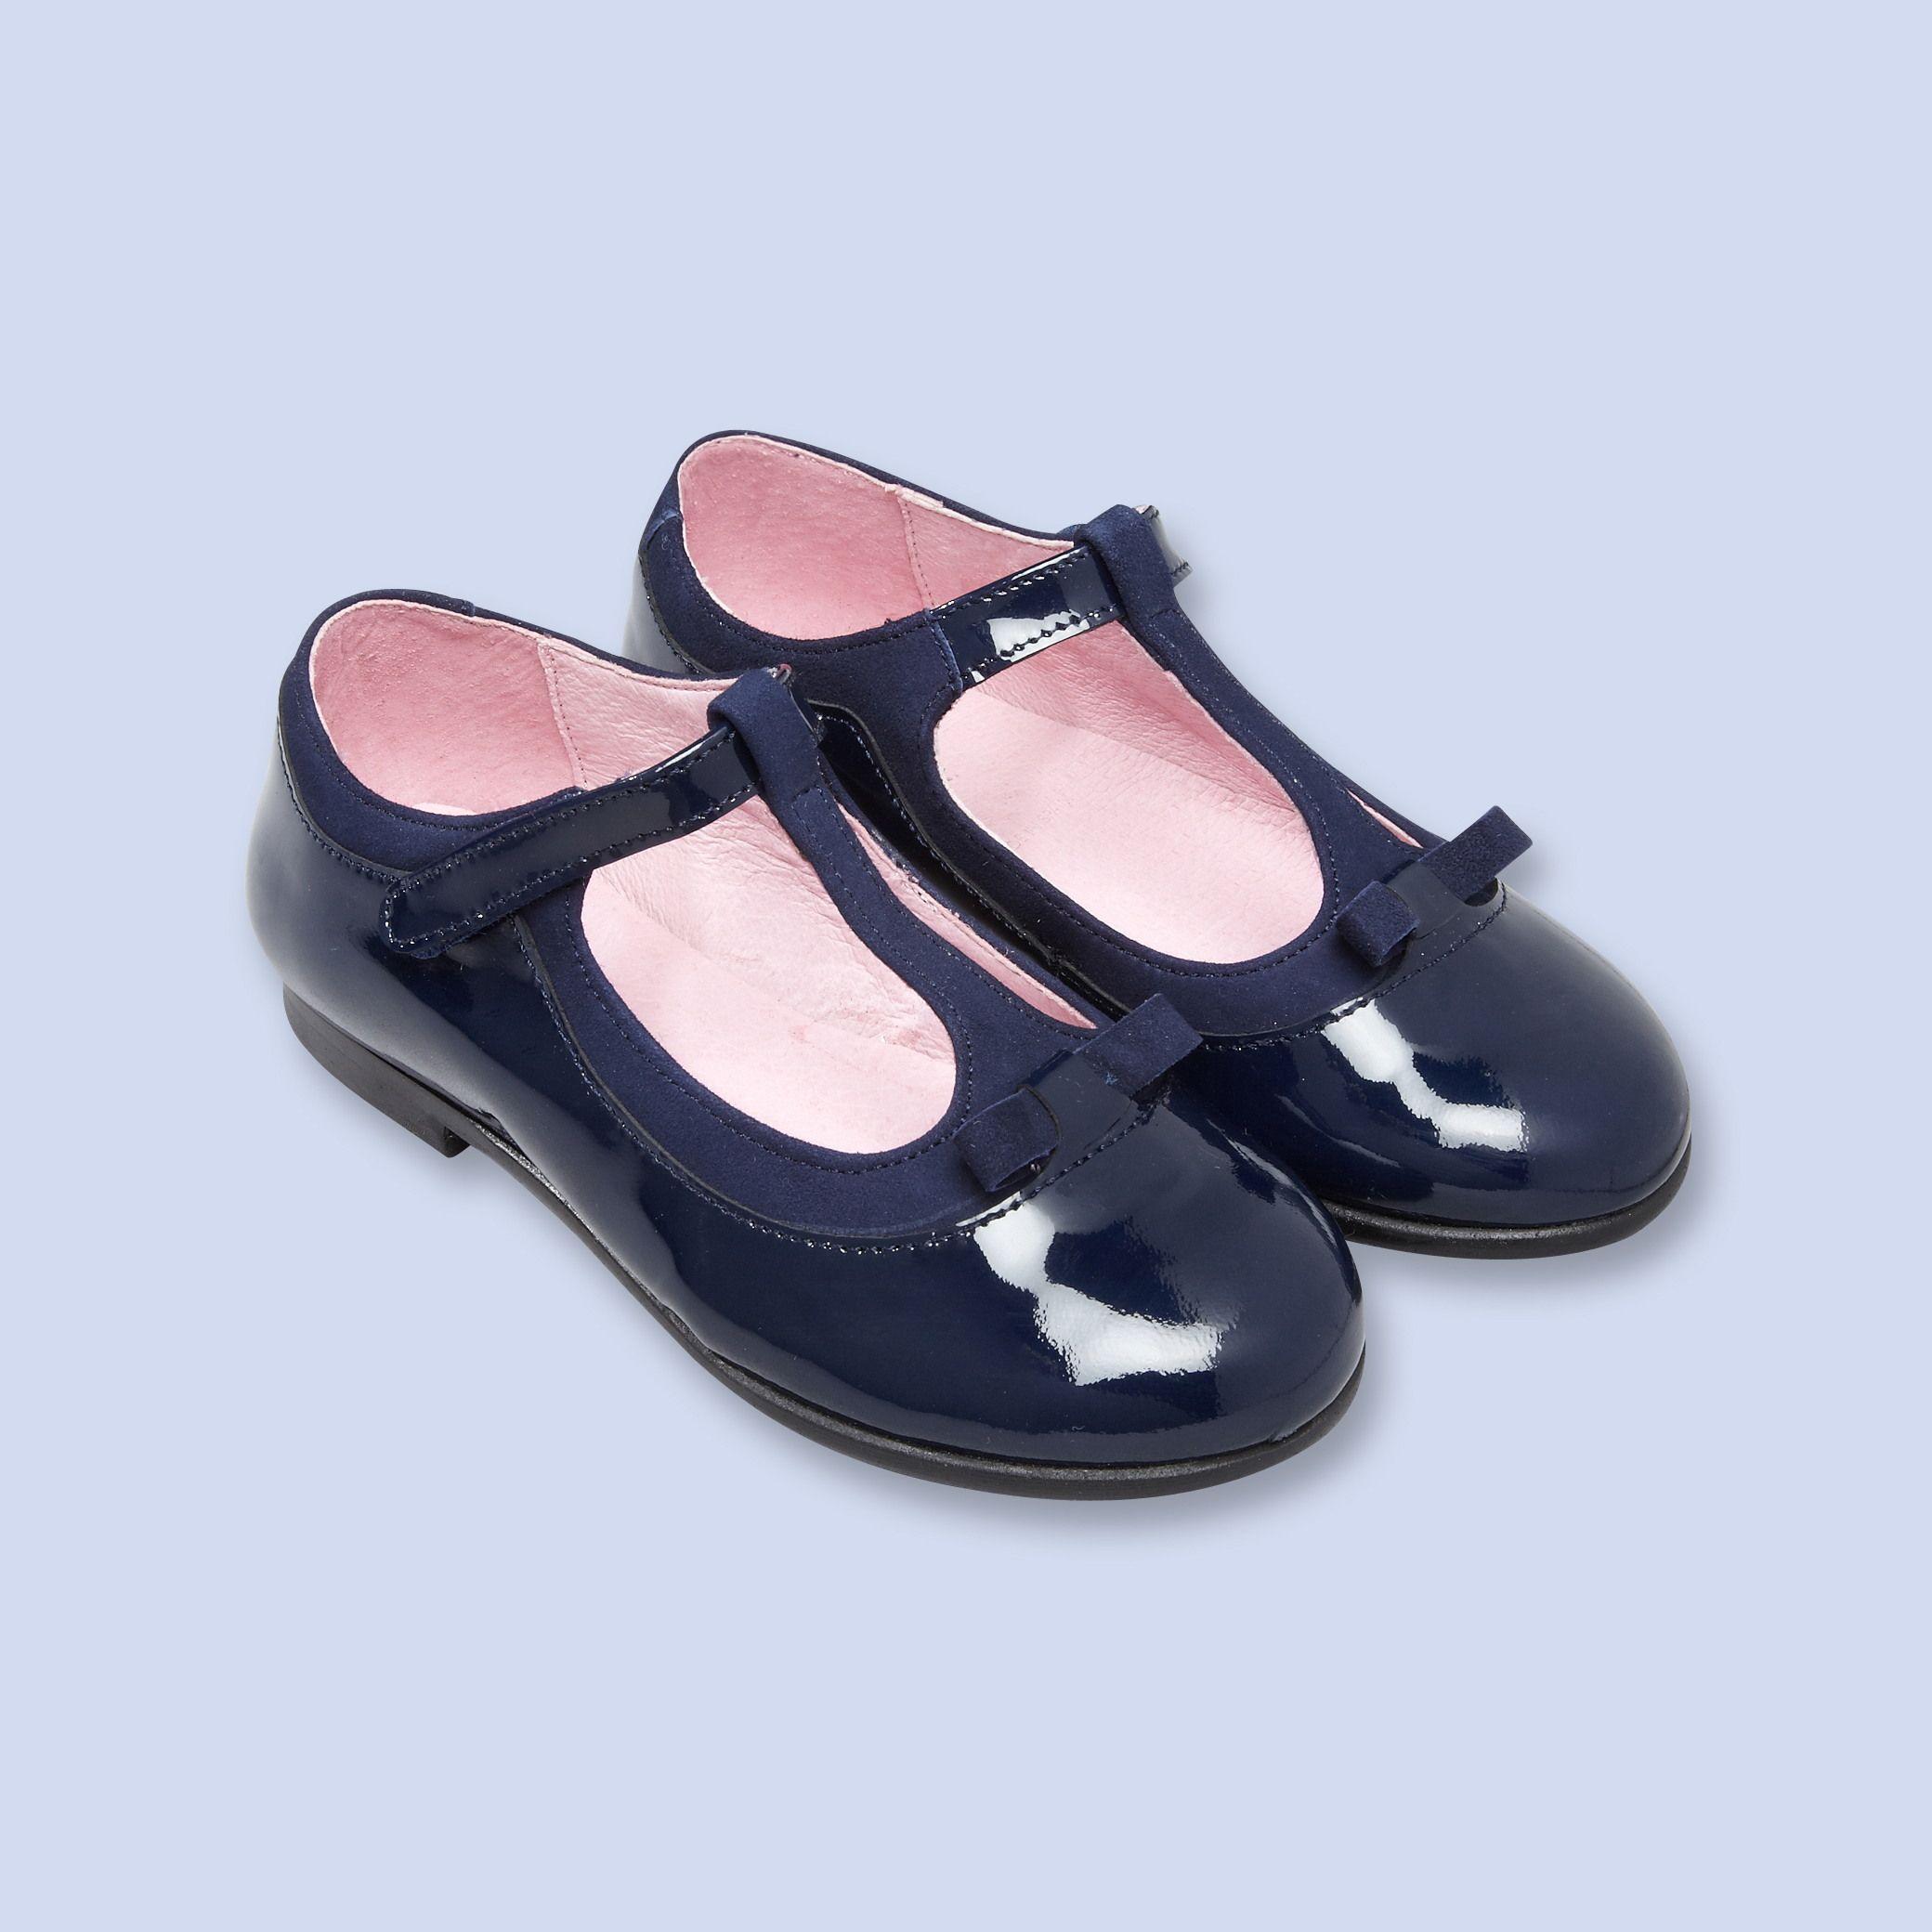 Salomés bi matière, fille | Chaussure enfant, Chaussure